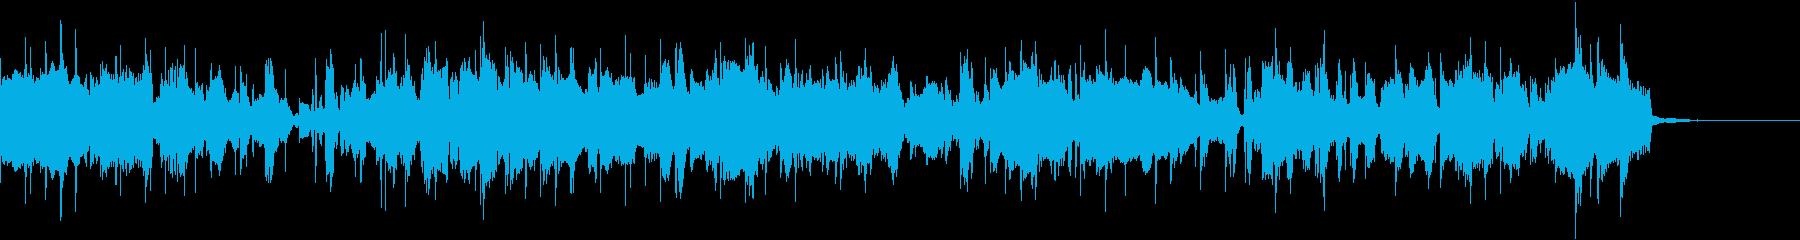 ソプラノサックスの軽快なフュージョンの再生済みの波形